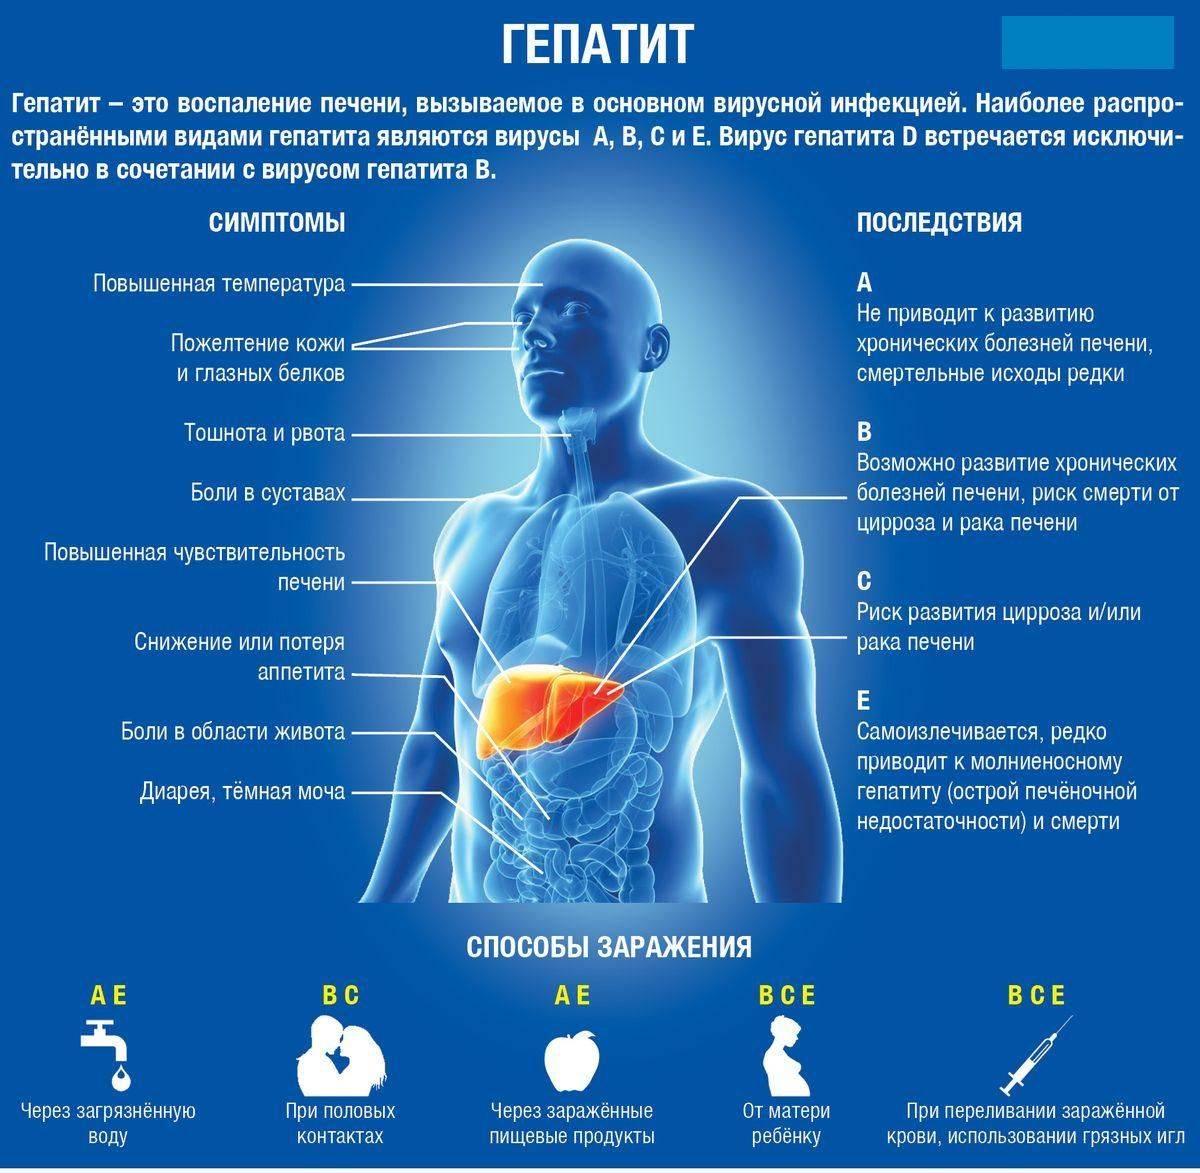 Заболевания печени - причины, симптомы, диагностика, лечение, народные средства, диета, очищение и профилактика